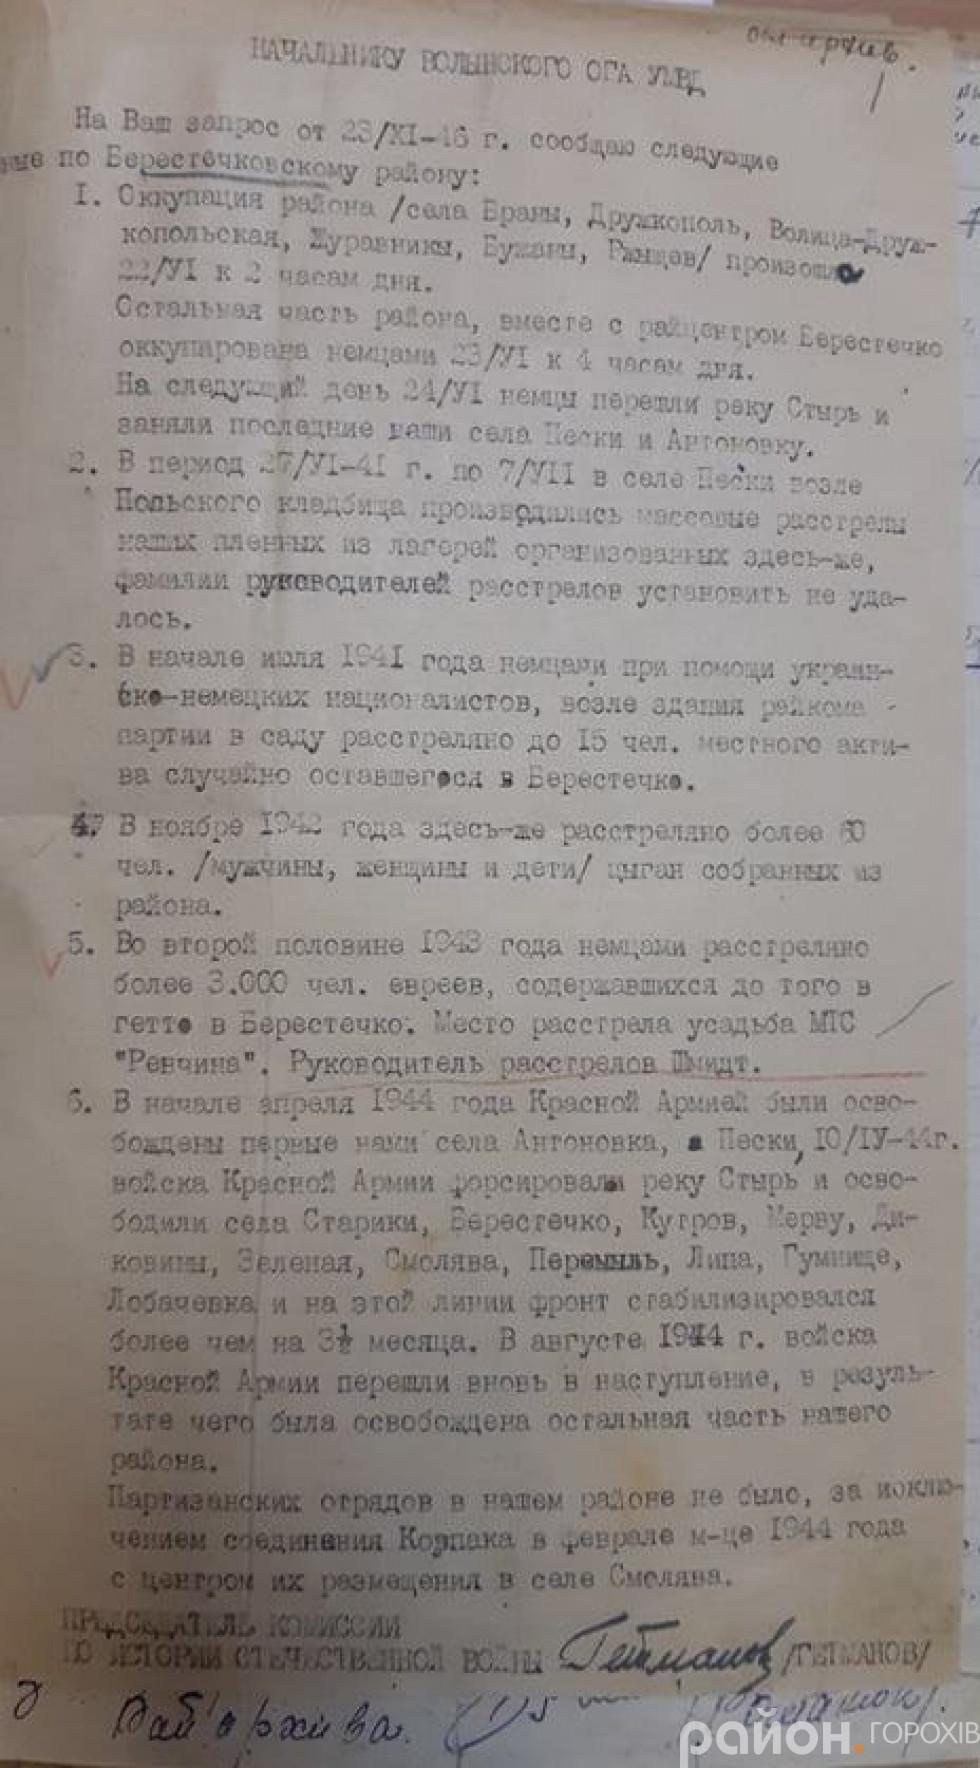 Скільки полягло людей у полі під Берестечком достеменно невідомо. З донесень комісії «про нанесення збитків німецько-фашистськими загарбниками у 1941-1944 р.р. на території Волинської області» йдеться про понад 3 тисячі євреїв, яких утримували в ґетто